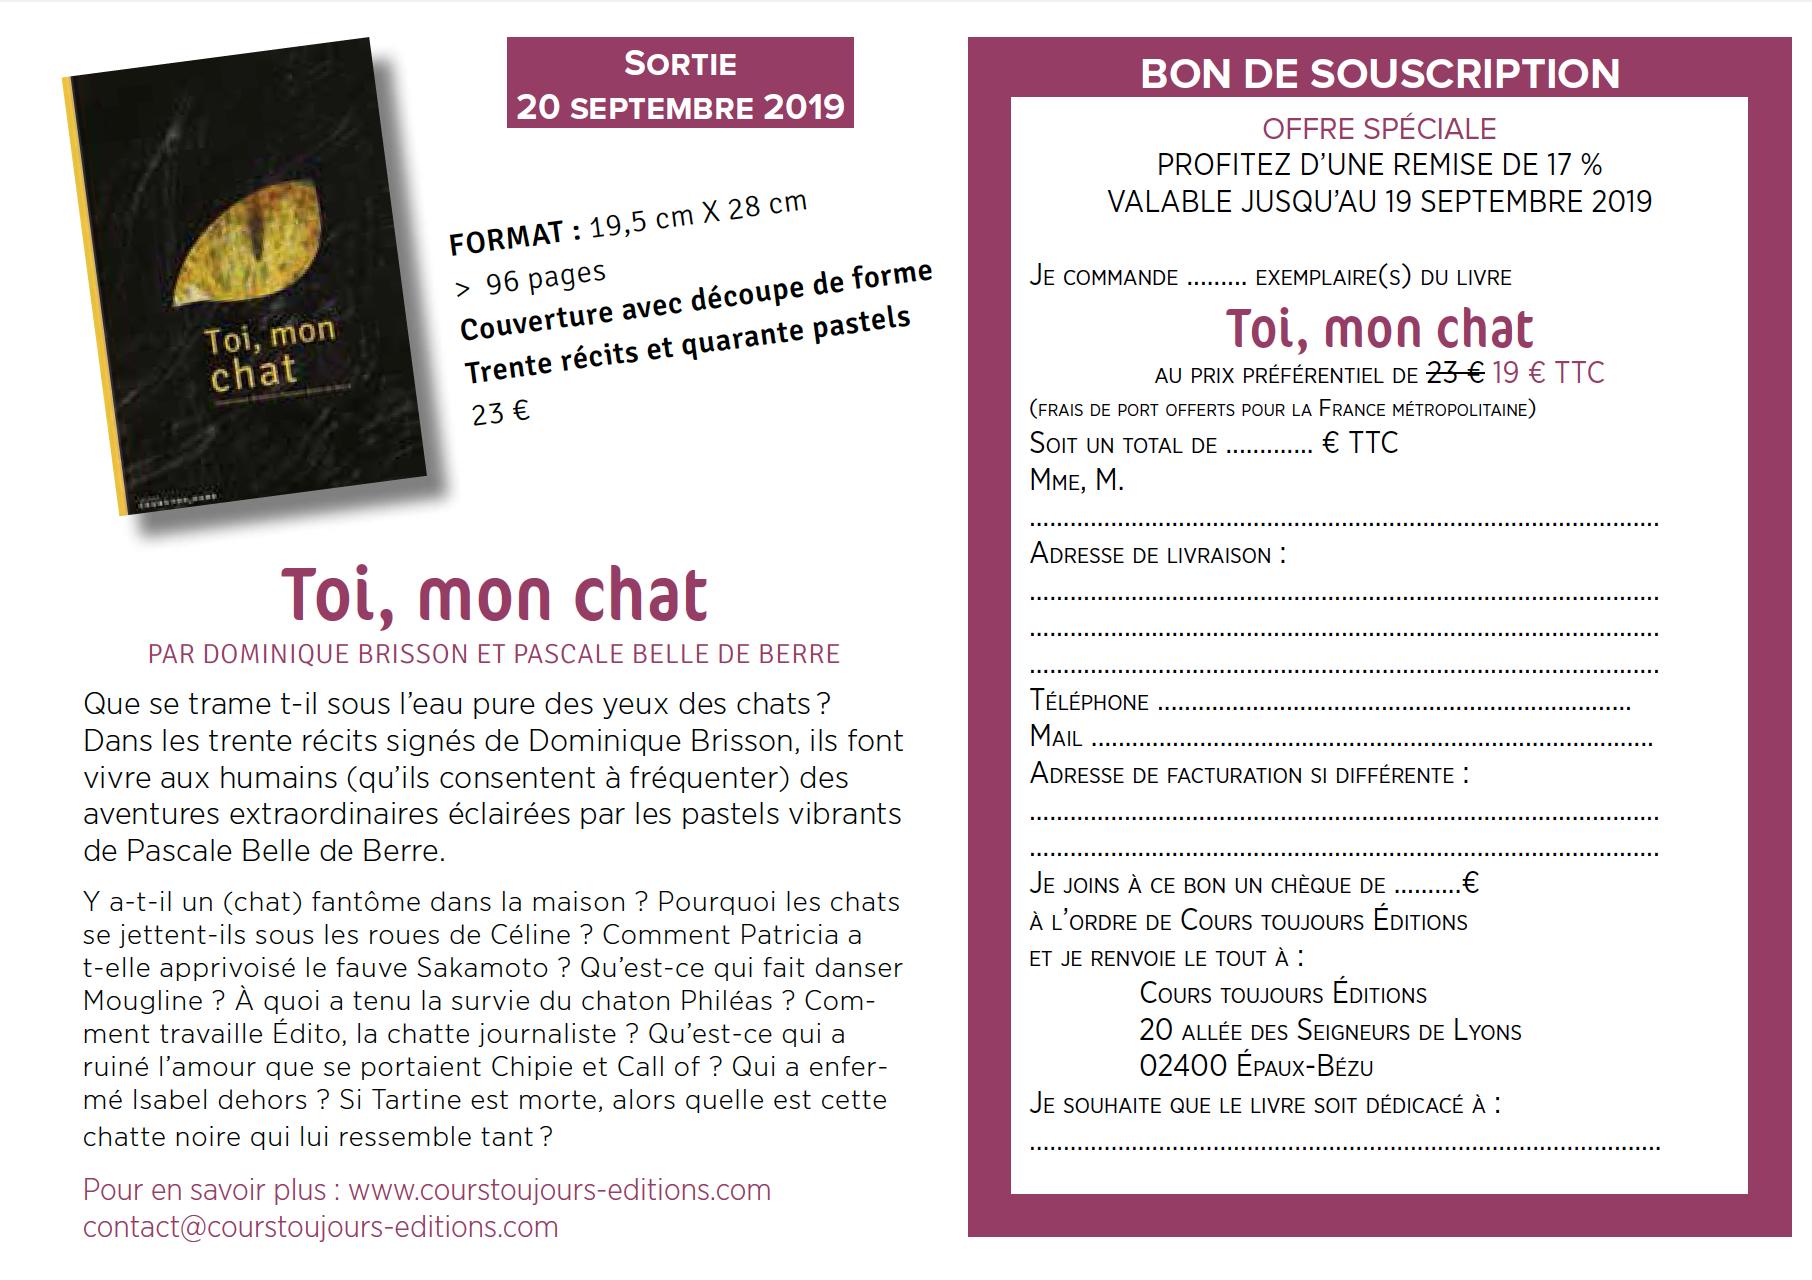 Bon_de_souscription